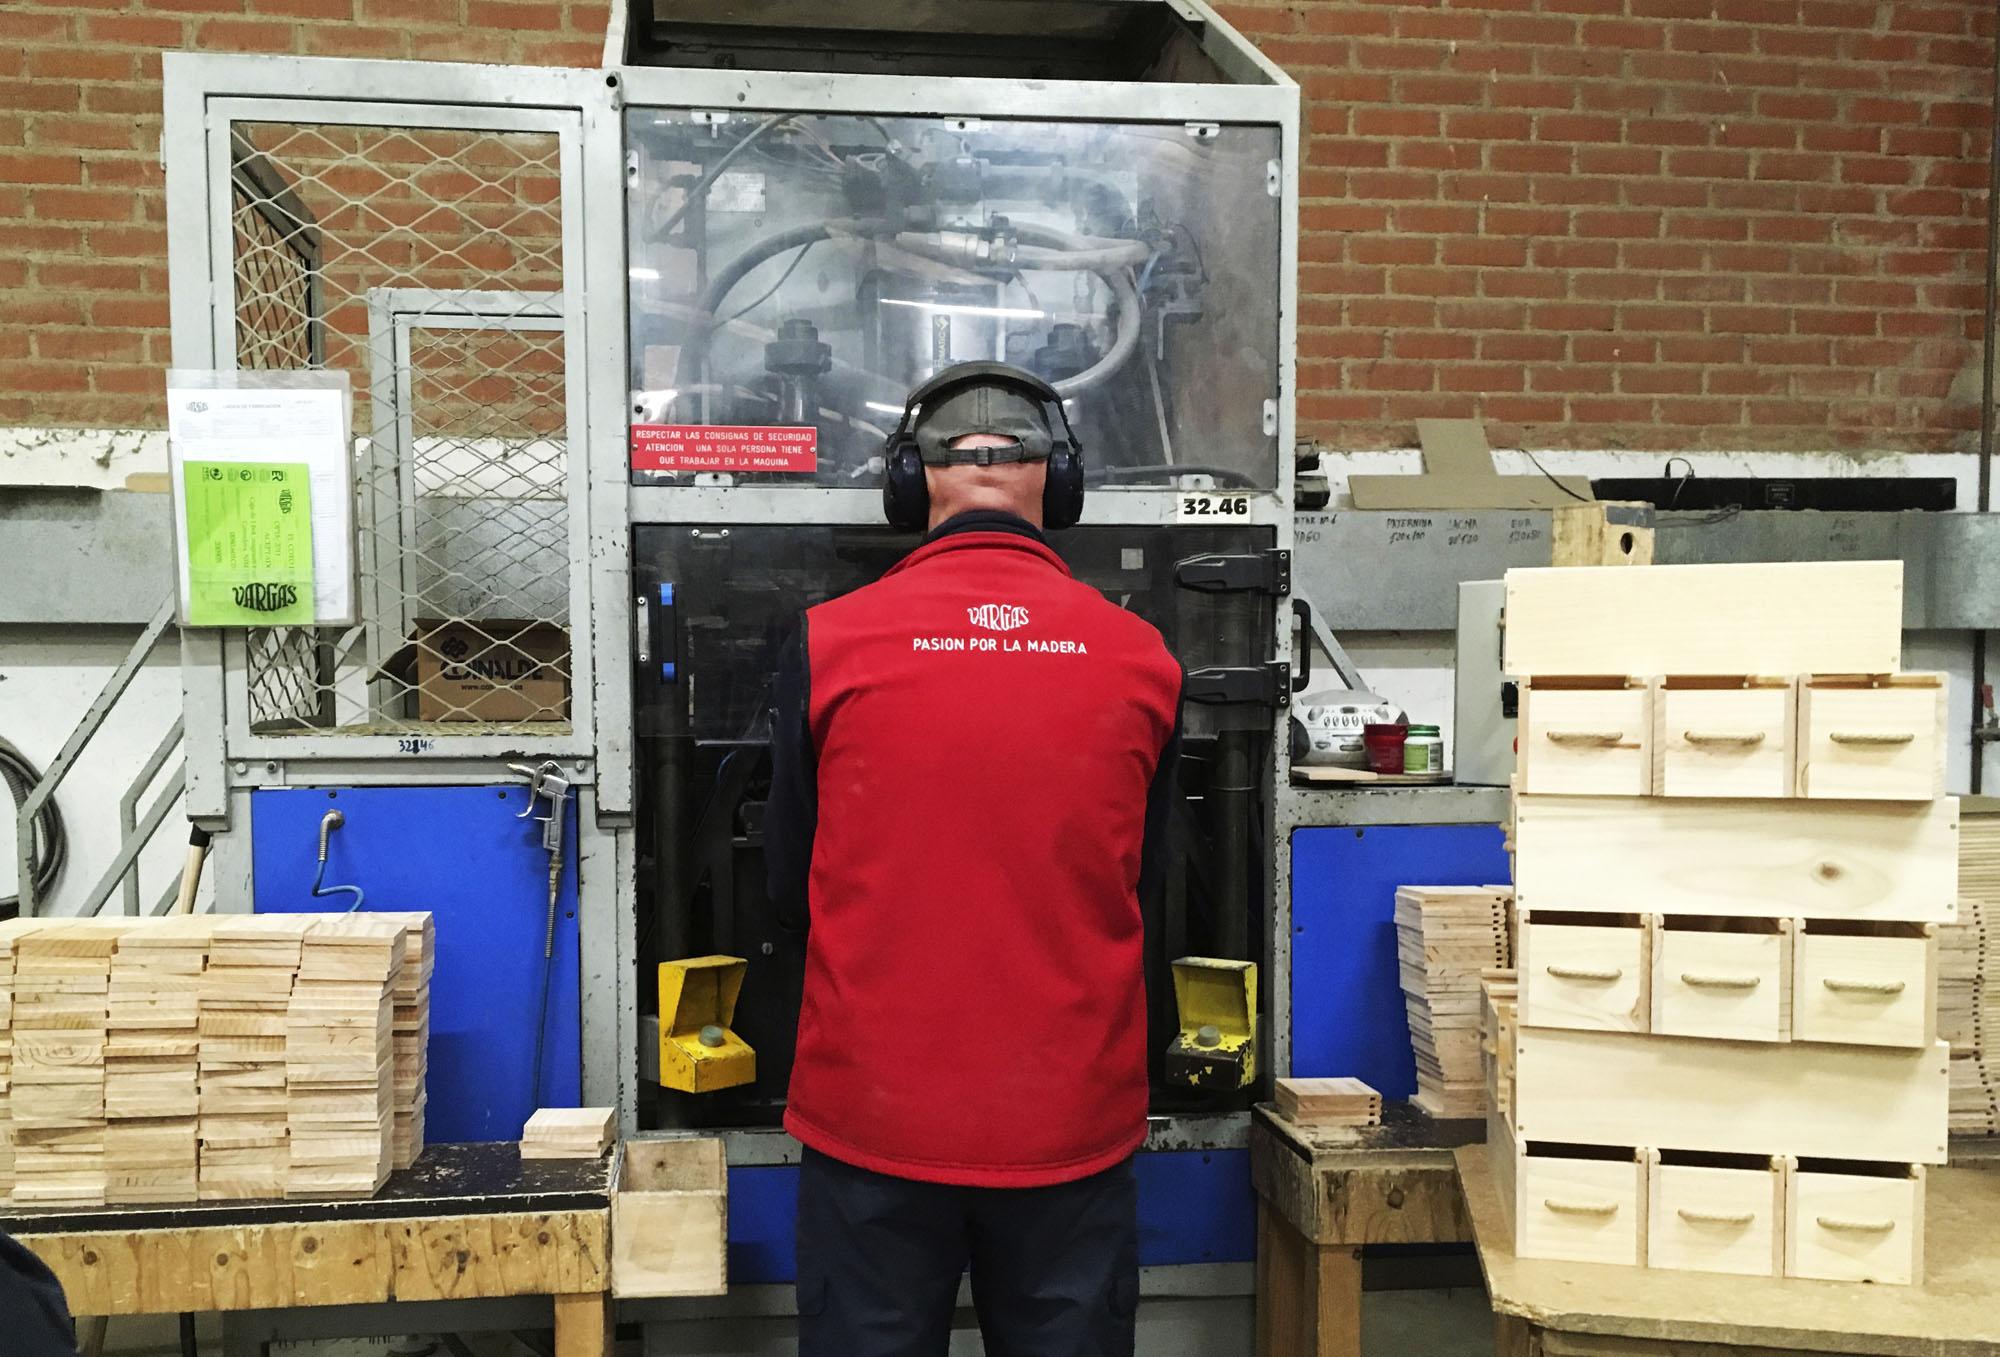 El Máster de Packaging en la fábrica Vargas Envases y Embalajes de Madera